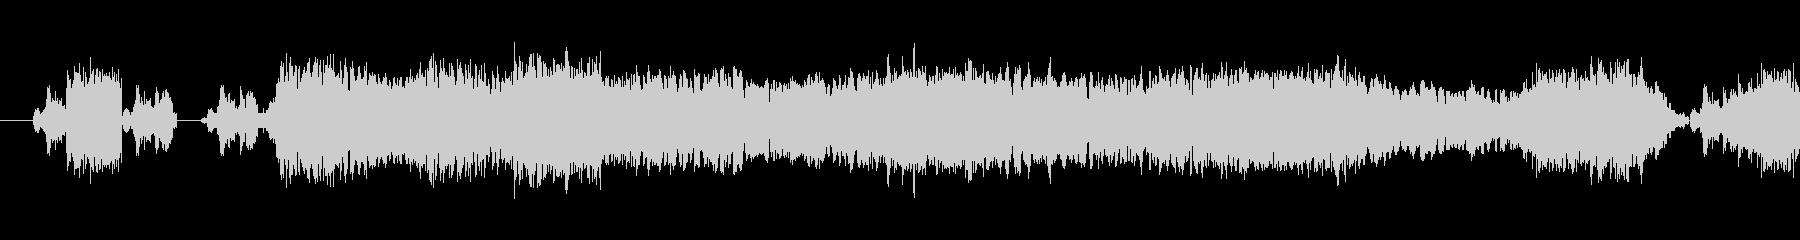 159 黒板をひっかく音1の未再生の波形